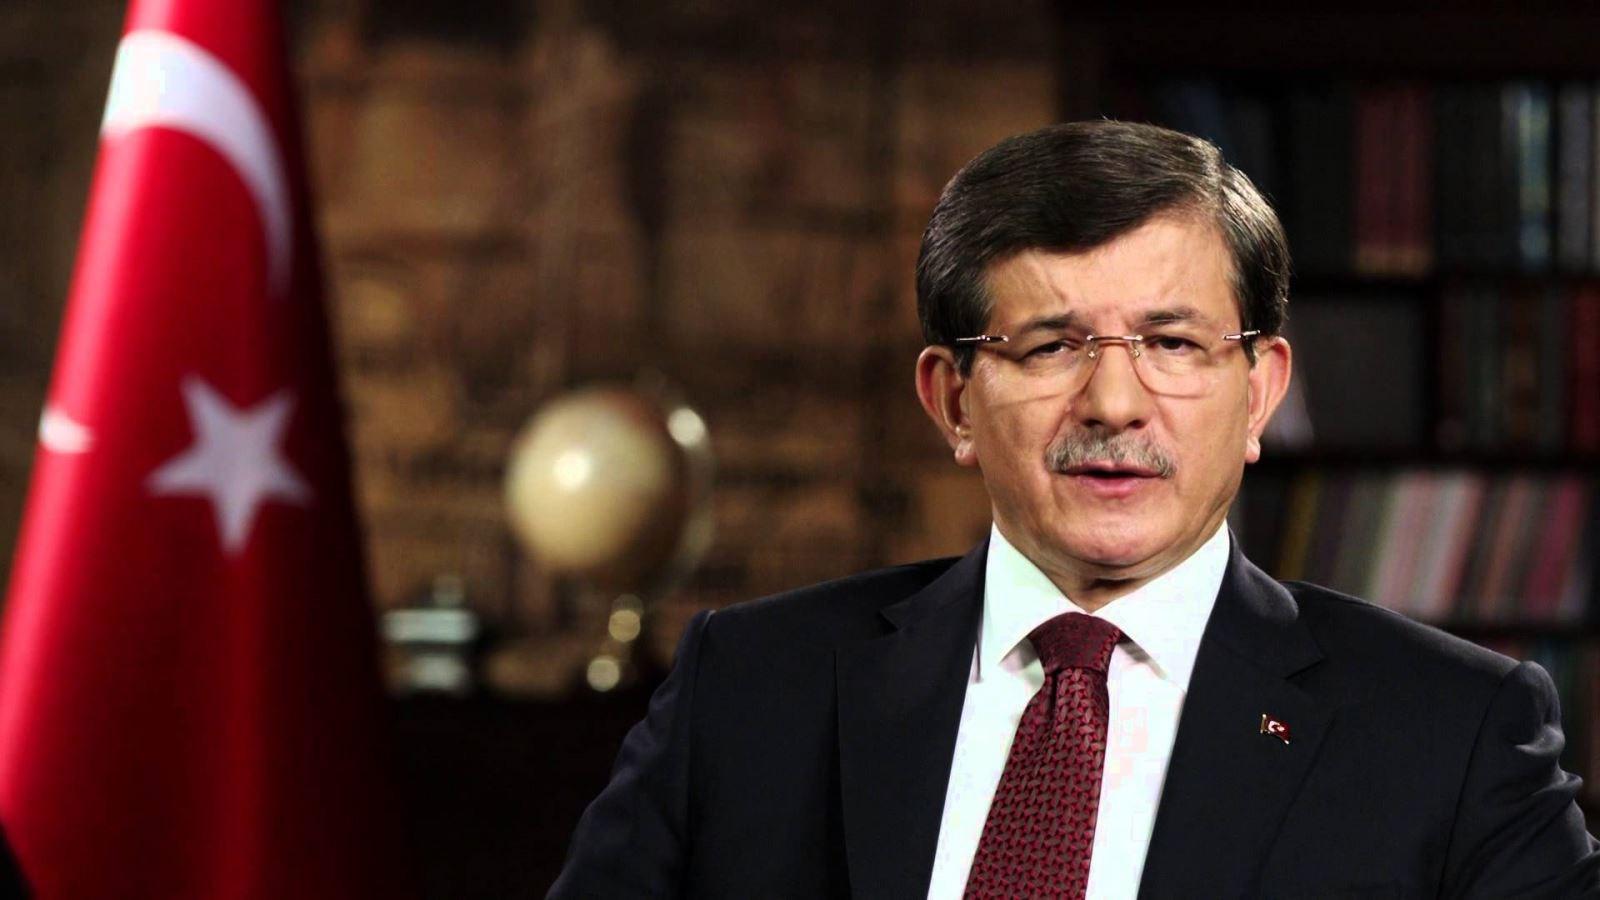 Başbakan Ahmet Davutoğlu, seçim beyannamesindeki vaatlerinin toplam maliyetini açıkladı.